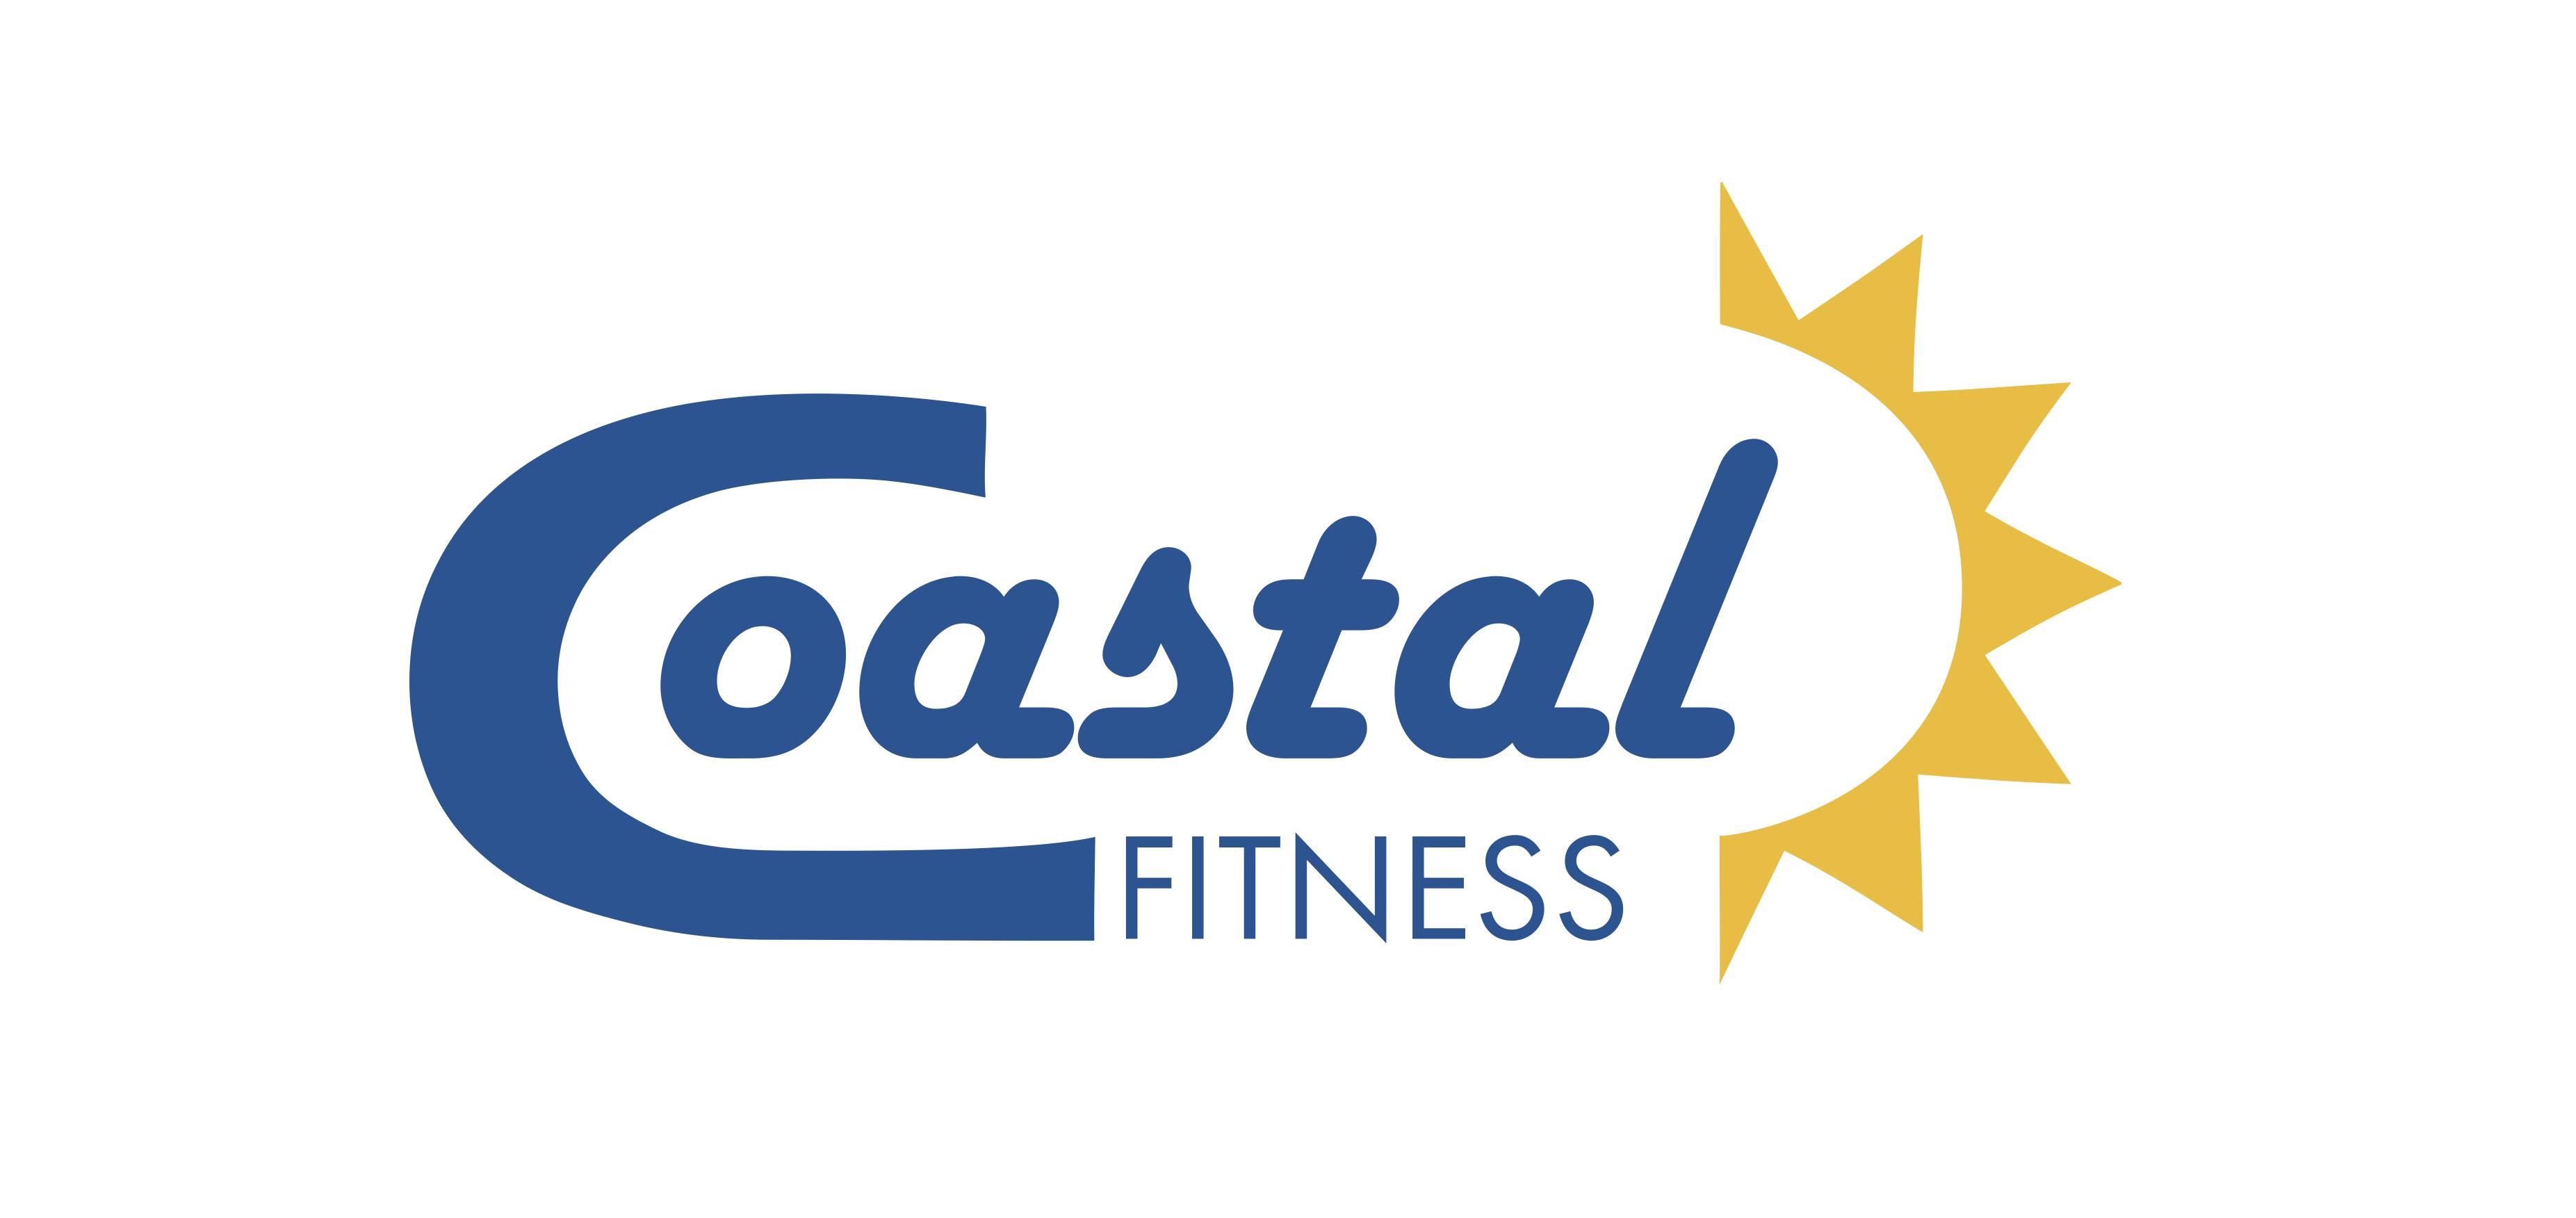 Coastal Fitness Kittery Seacoast Fitness Centers